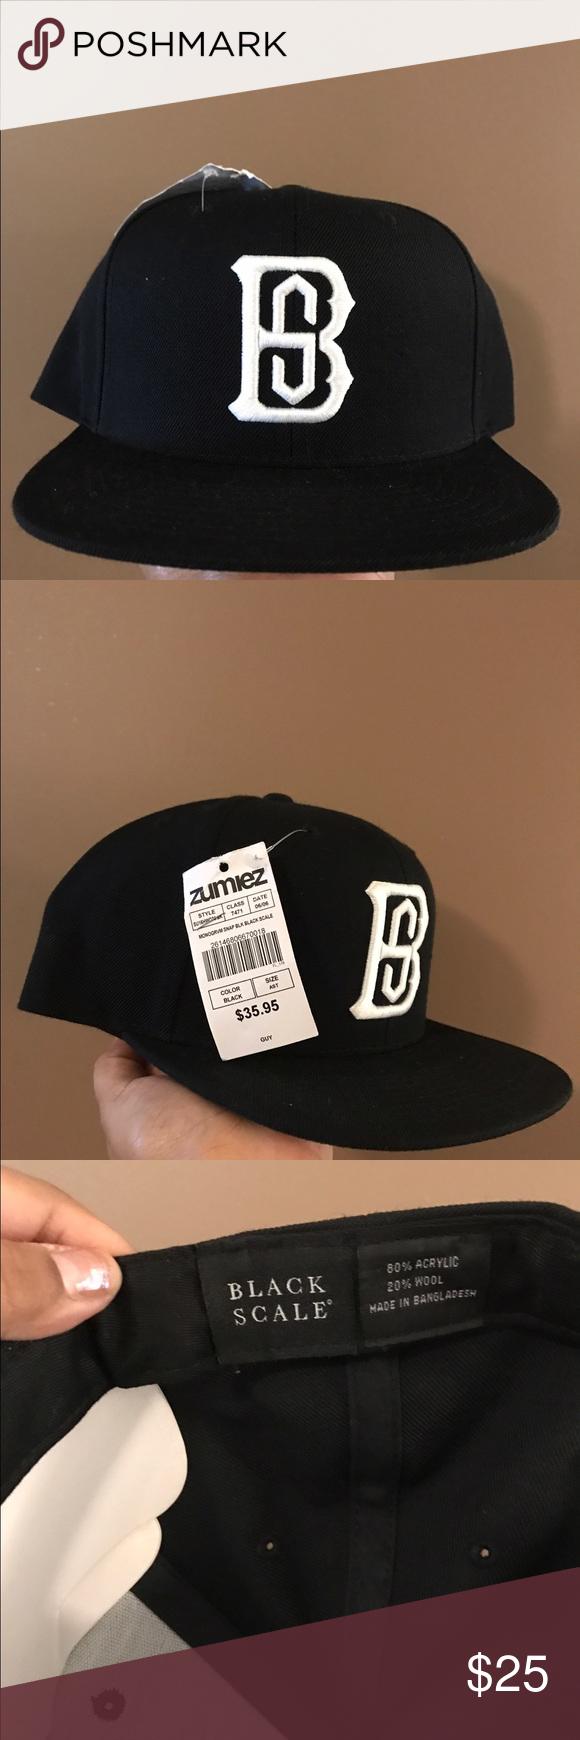 Black scale hat black and white original brand new black scale